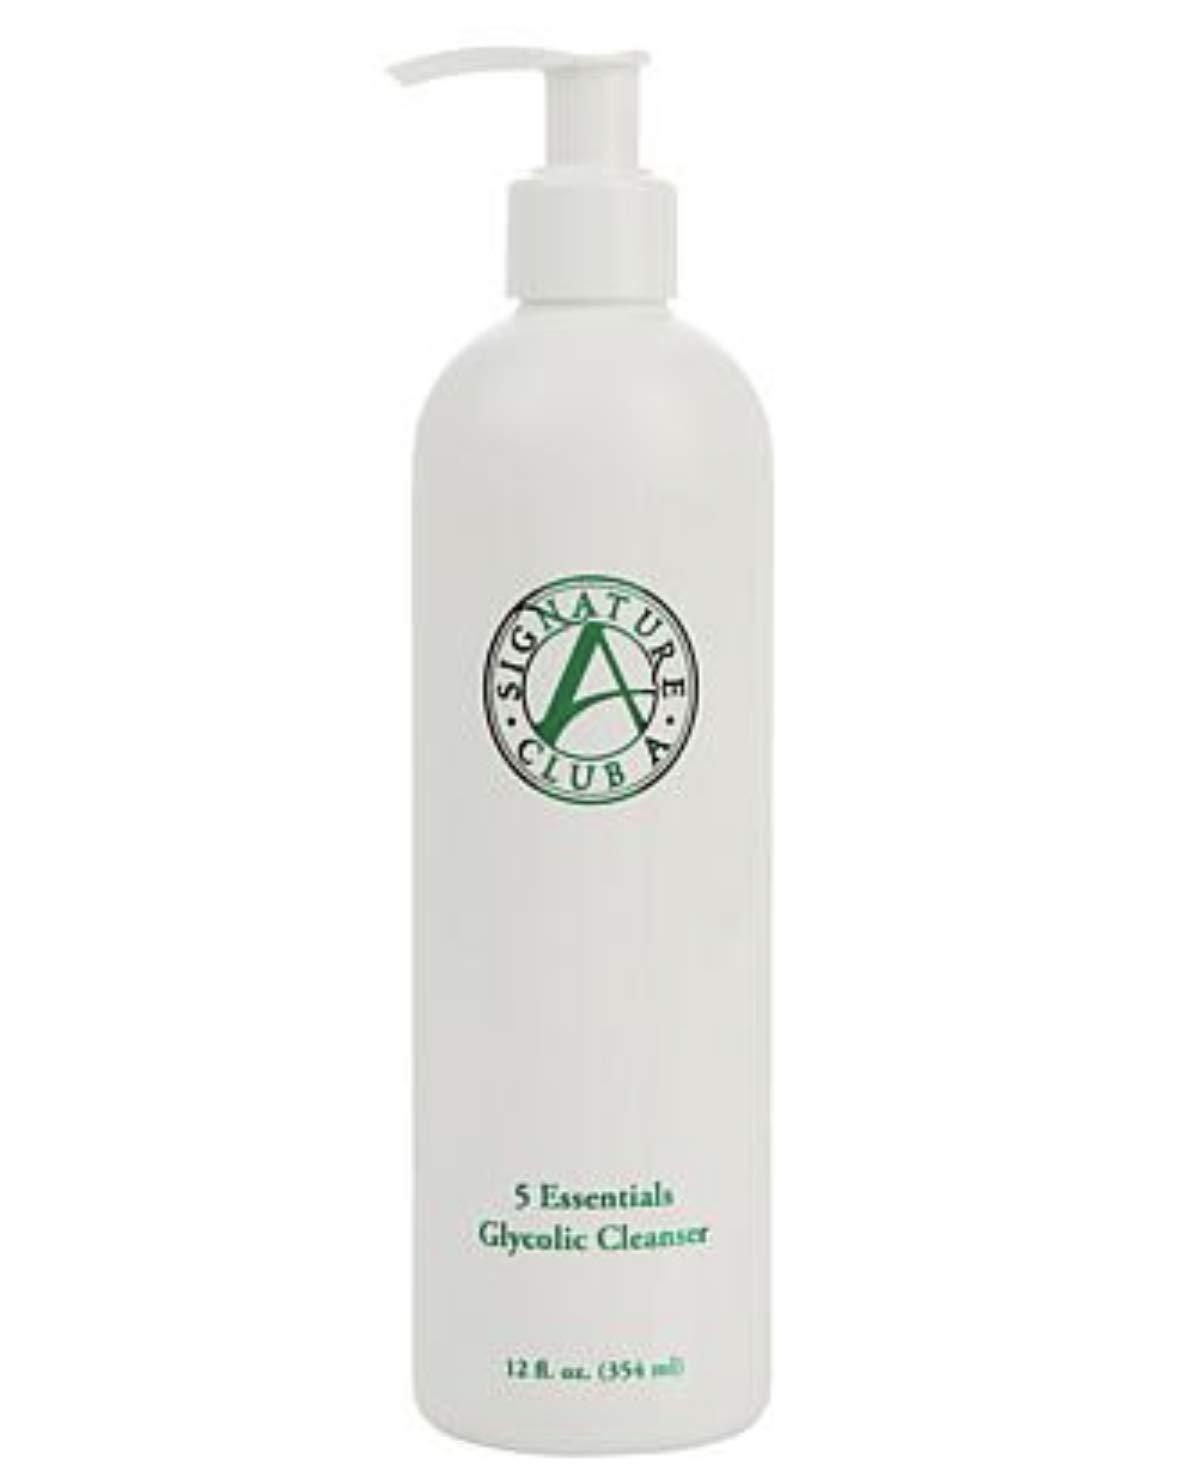 5 Essentials Glycolic Cleanser 12. fl. oz.